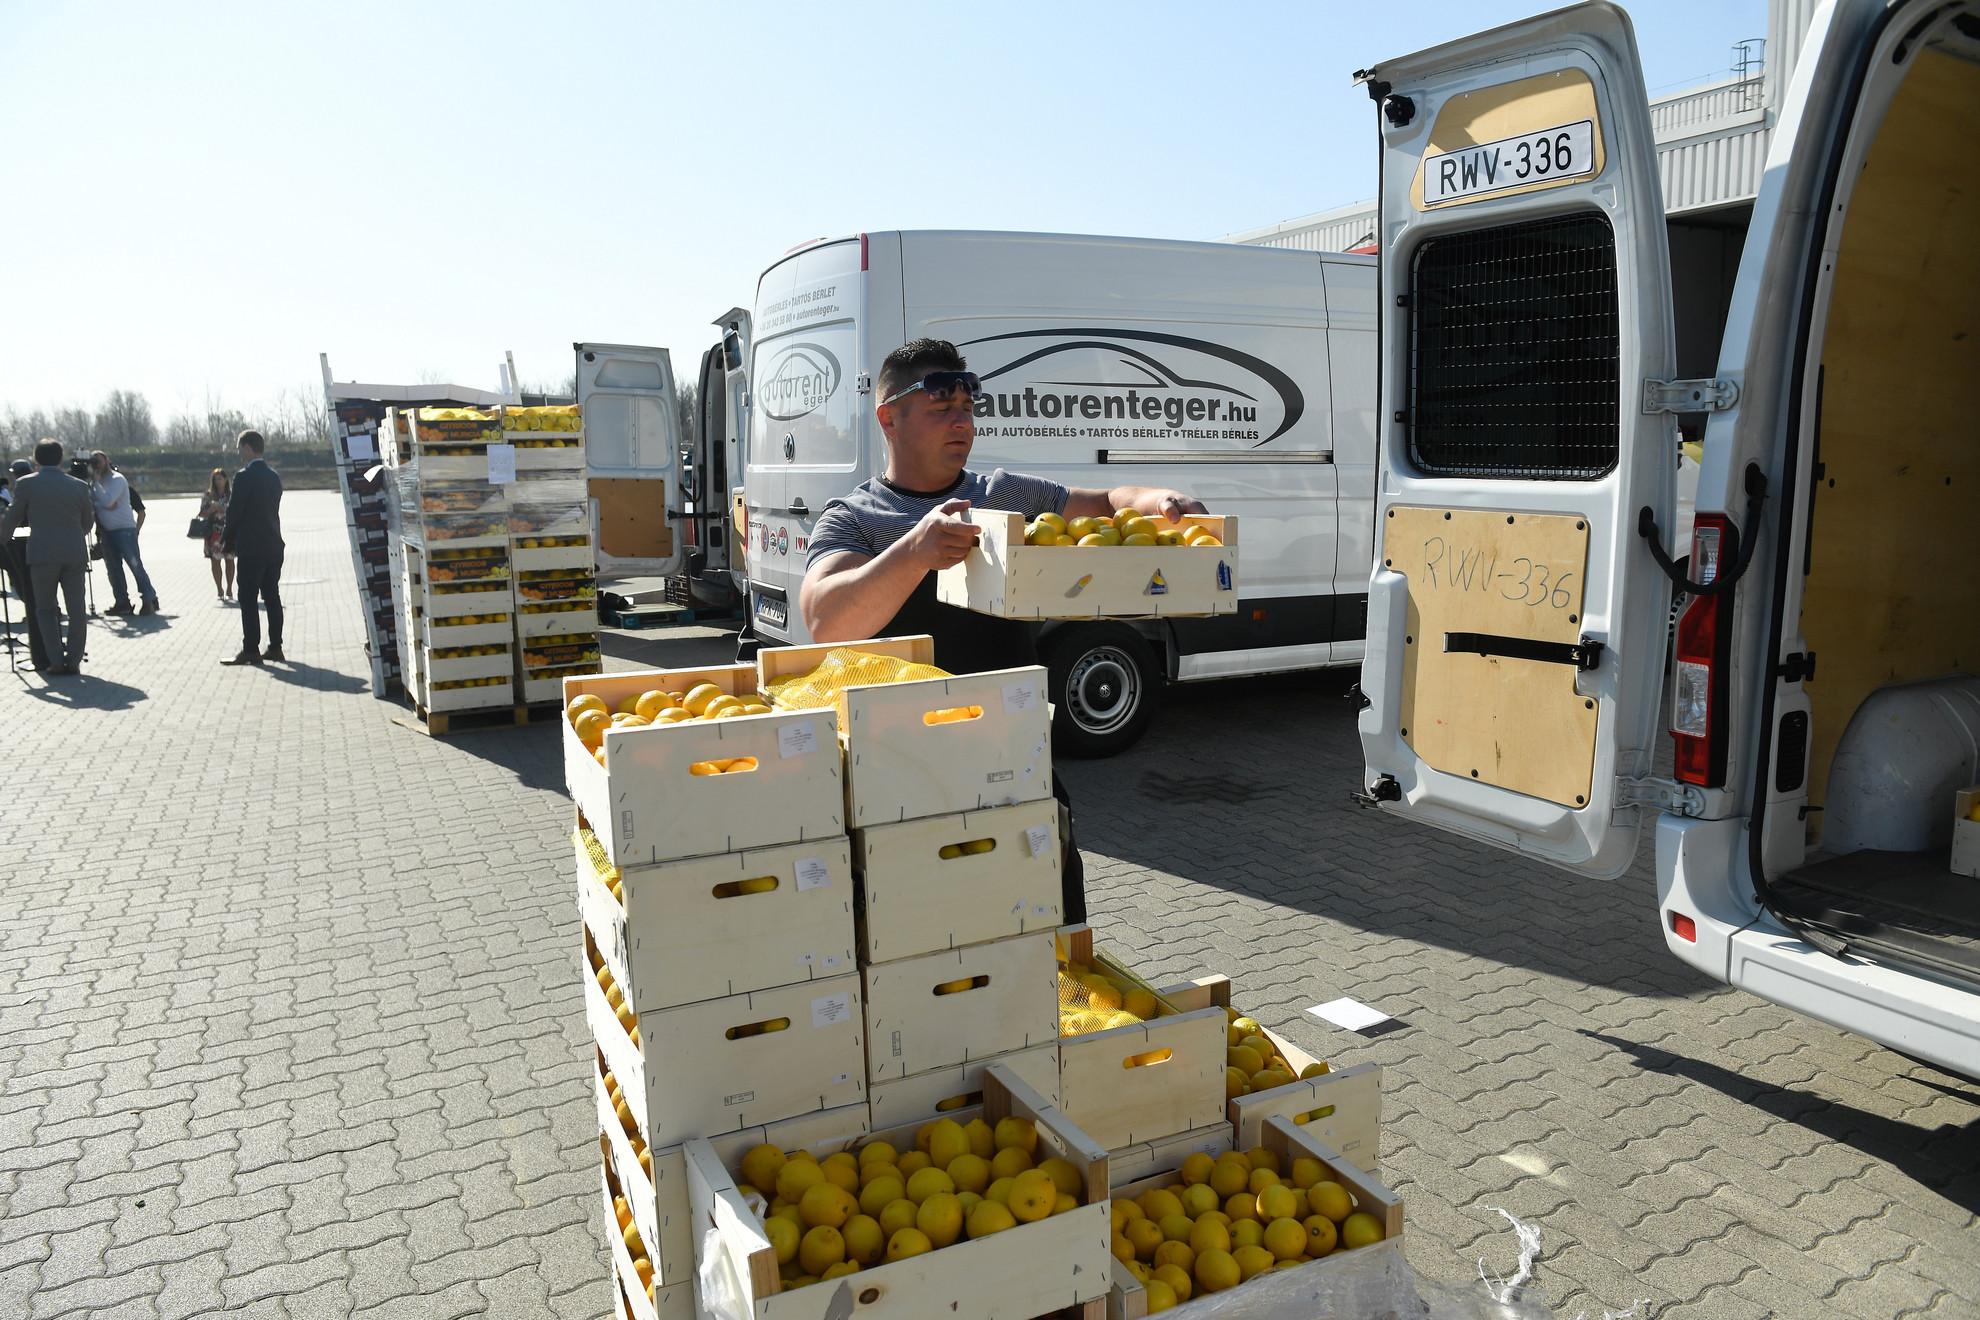 Pakolják a Civil Összefogás Közhasznú Alapítvány (CÖF-CÖKA) adománygyűjtési akciójából vásárolt 63 tonna gyümölcsöt (narancsot, citromot és almát) a CBA logisztikai központjában, Alsónémediben 2020. április 9-én. A gyümölcsöket vidéki állami kezelésű idősek otthonaiban élőknek juttatják el